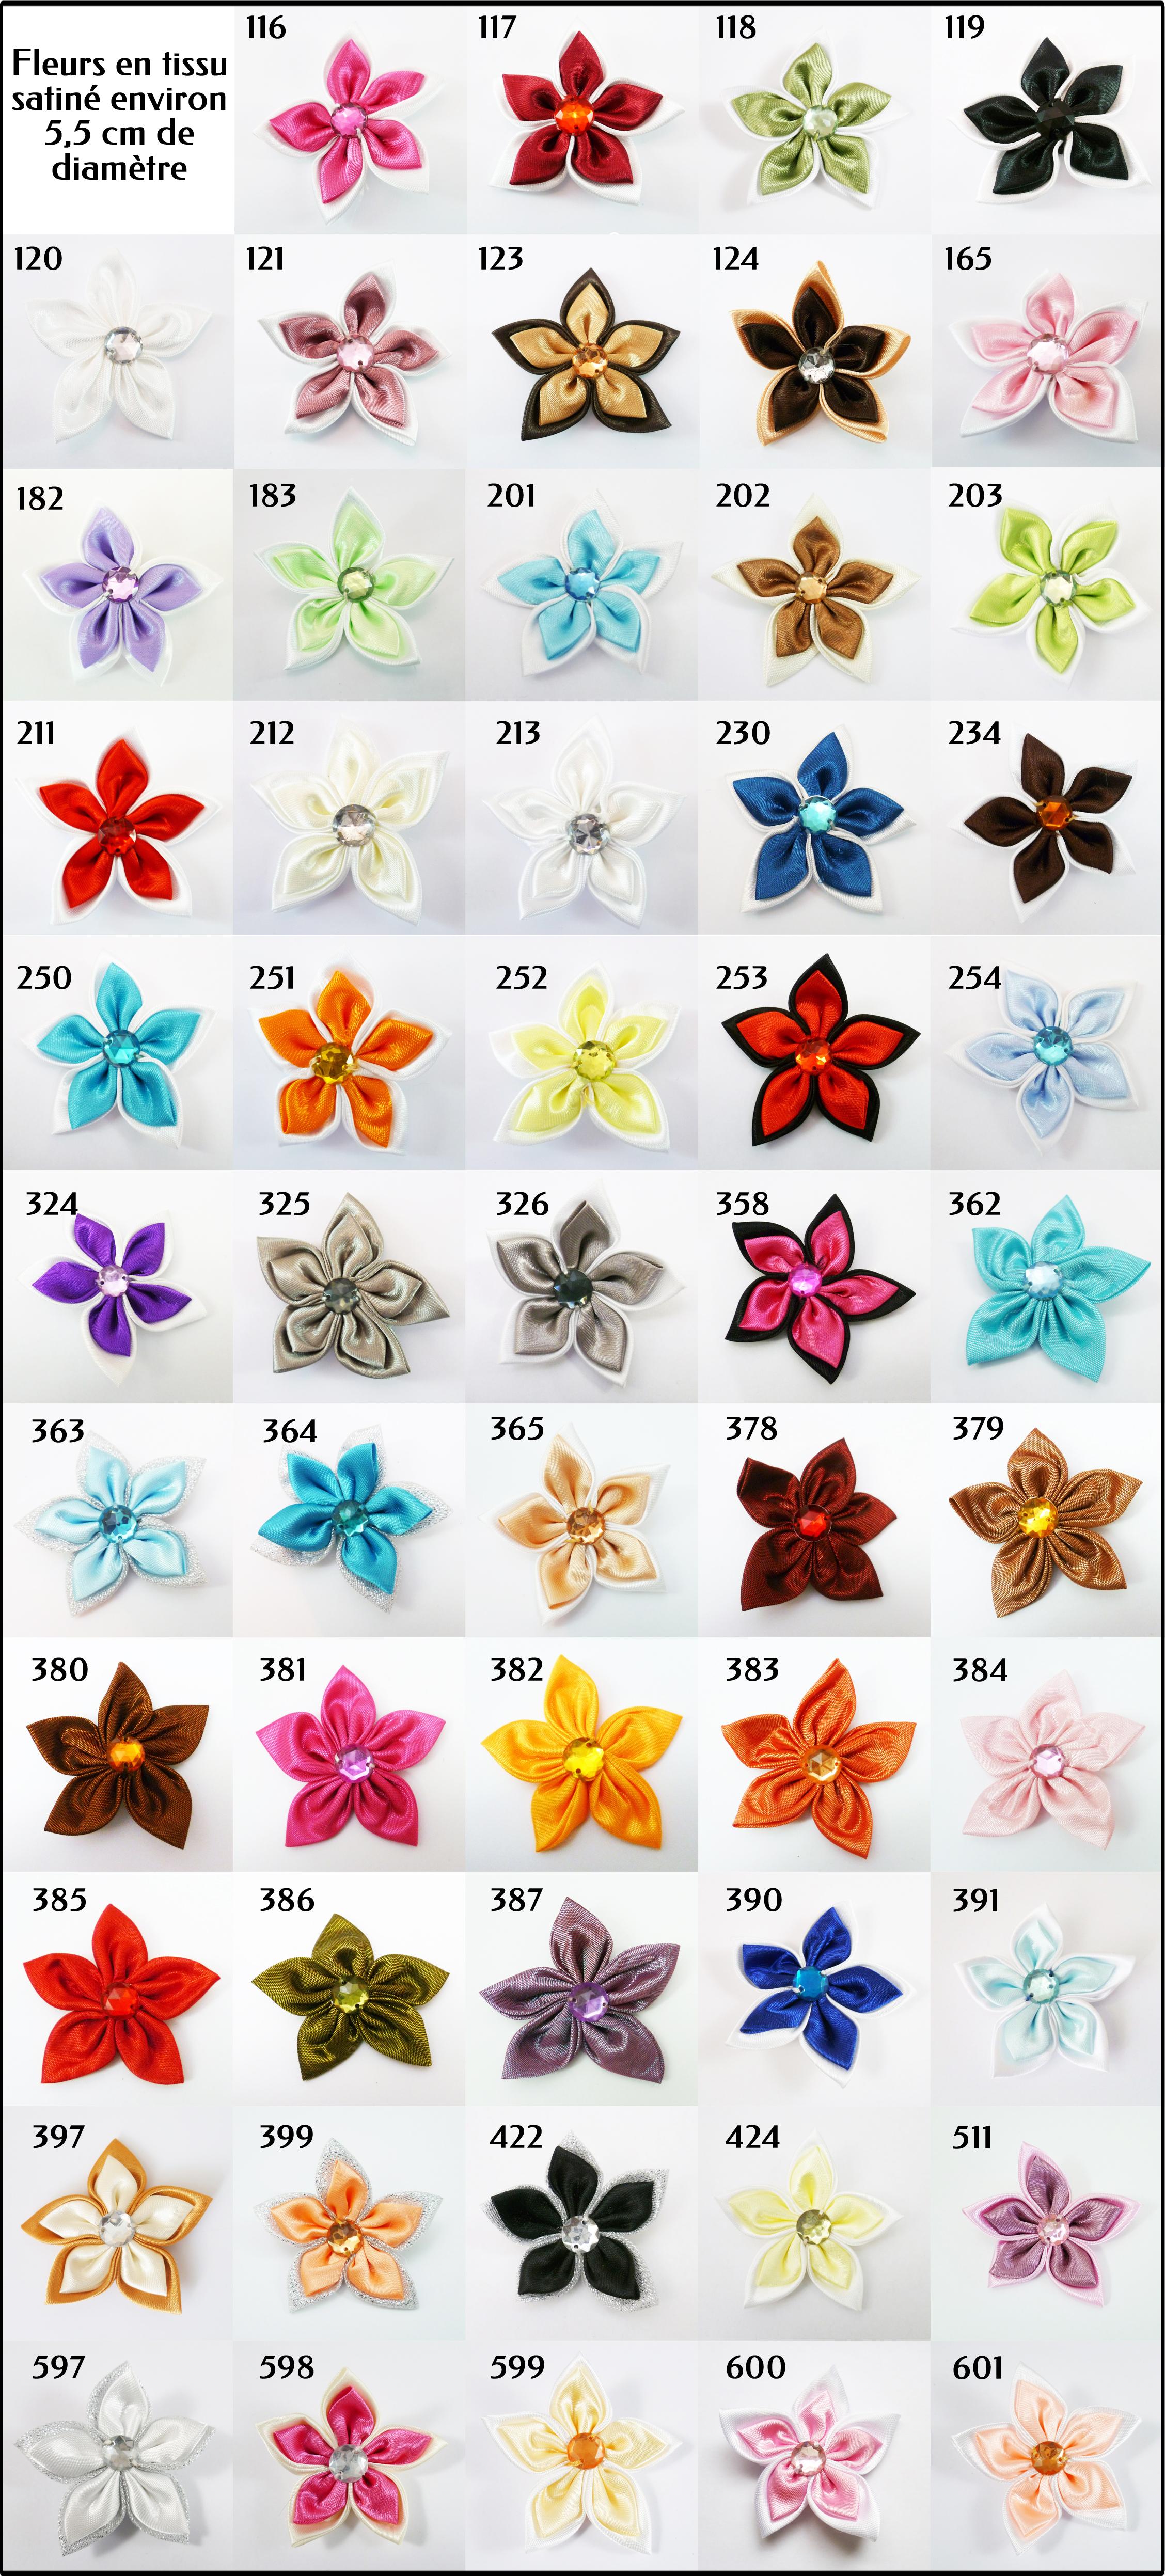 Plaquette de couleur de fleur en tissu